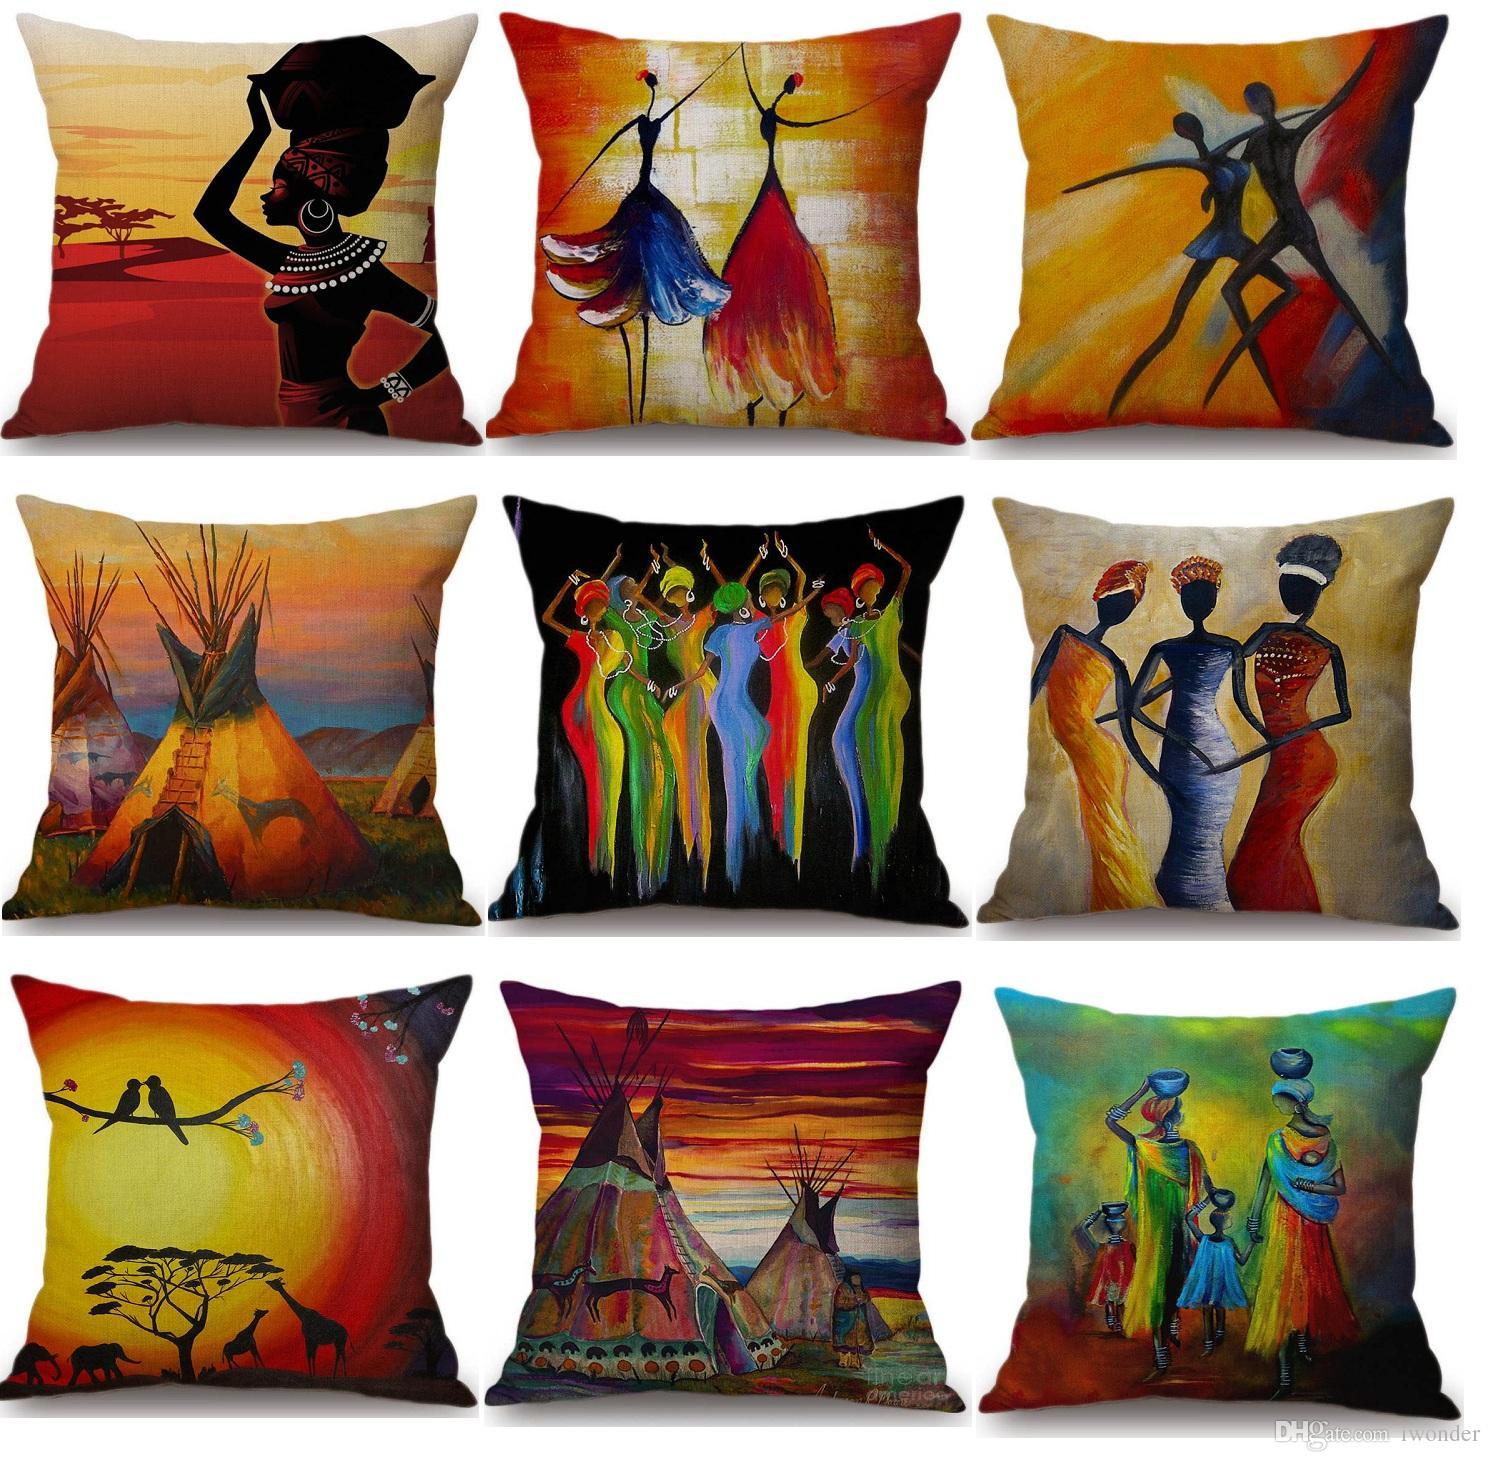 Afrique Peinture Art Africaine Impression Exotique Décoration Style Housse  de Coussin 15 Styles Lin Peinture À L huile Taie D oreiller Chambre ...